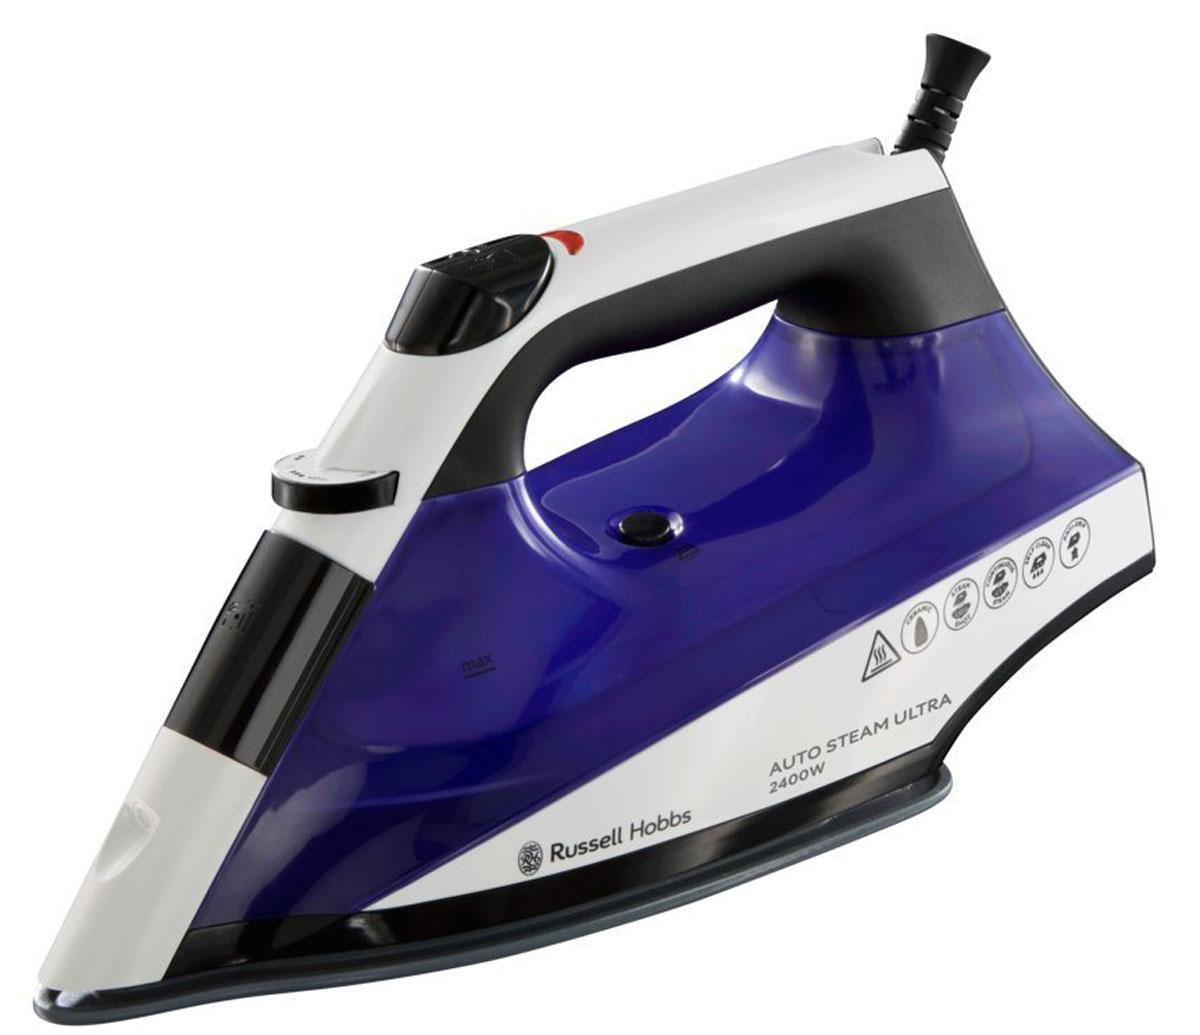 Russell Hobbs 22523-56, Purple White утюг22523-56Утюг AutoSteam Ultra - утюг нового поколения, который творит чудеса в глажении. Функция автоматической регулировки подачи пара в соответствии с выбранным температурным режимом обеспечит быстрое и эффективное глажение как грубых материалов, так и деликатных тканей. Утюг спроектирован и произведен для того, чтобы доставить вам удовольствие от качественного глажения. Объемный резервуар для воды 320 мл, паровой удар 130 г для разглаживания сложных складок и постоянный пар 45 г для глажения хлопковых тканей. Керамическая подошва имеет систему равномерного распределения пара и нагрева до установленной температуры. Благодаря керамическому покрытию, подошва идеально скользит по любой ткани.